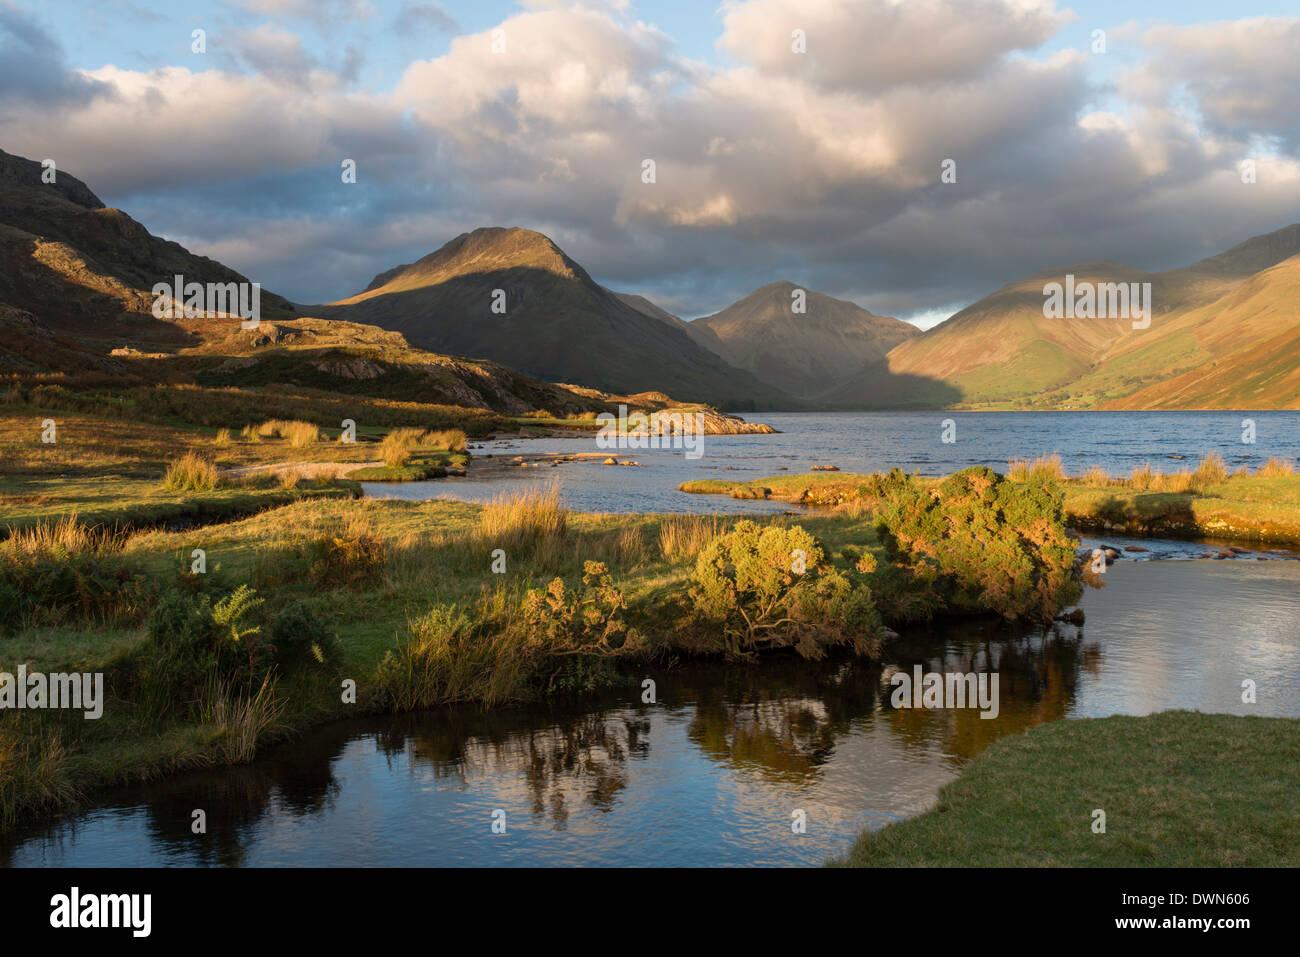 Bella tardo autunnale di luce a Wastwater, Parco Nazionale del Distretto dei Laghi, Cumbria, England, Regno Unito, Europa Immagini Stock